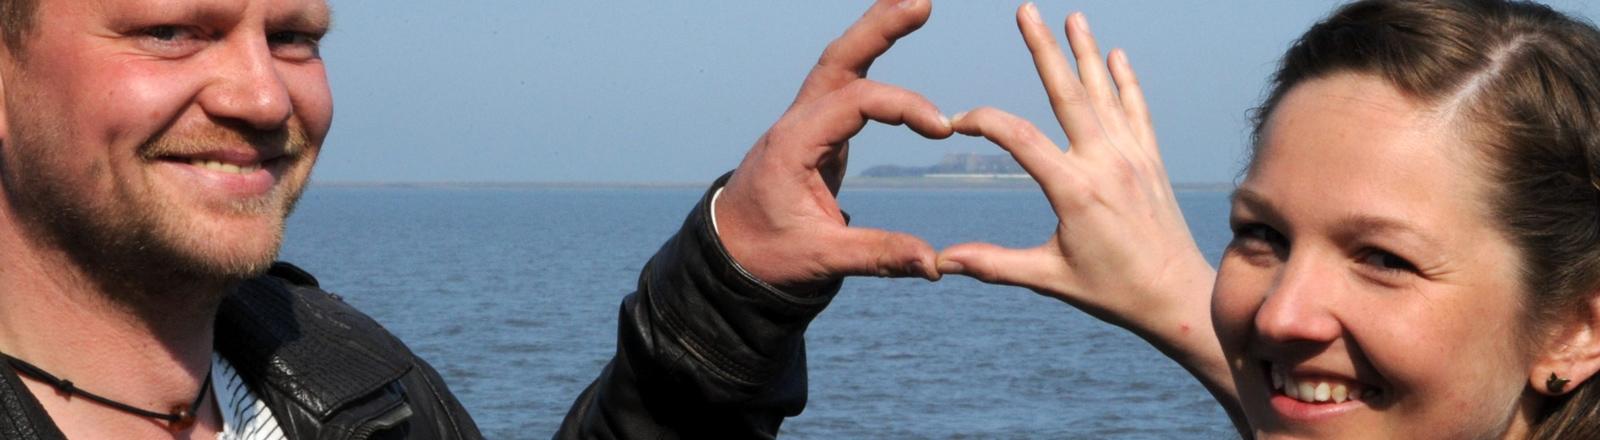 Holger Spreer und Nele Wree haben ihren Wohnsitz, die Hallig Süderoog (Schleswig-Holstein) mit ihren Fingern eingerahmt.